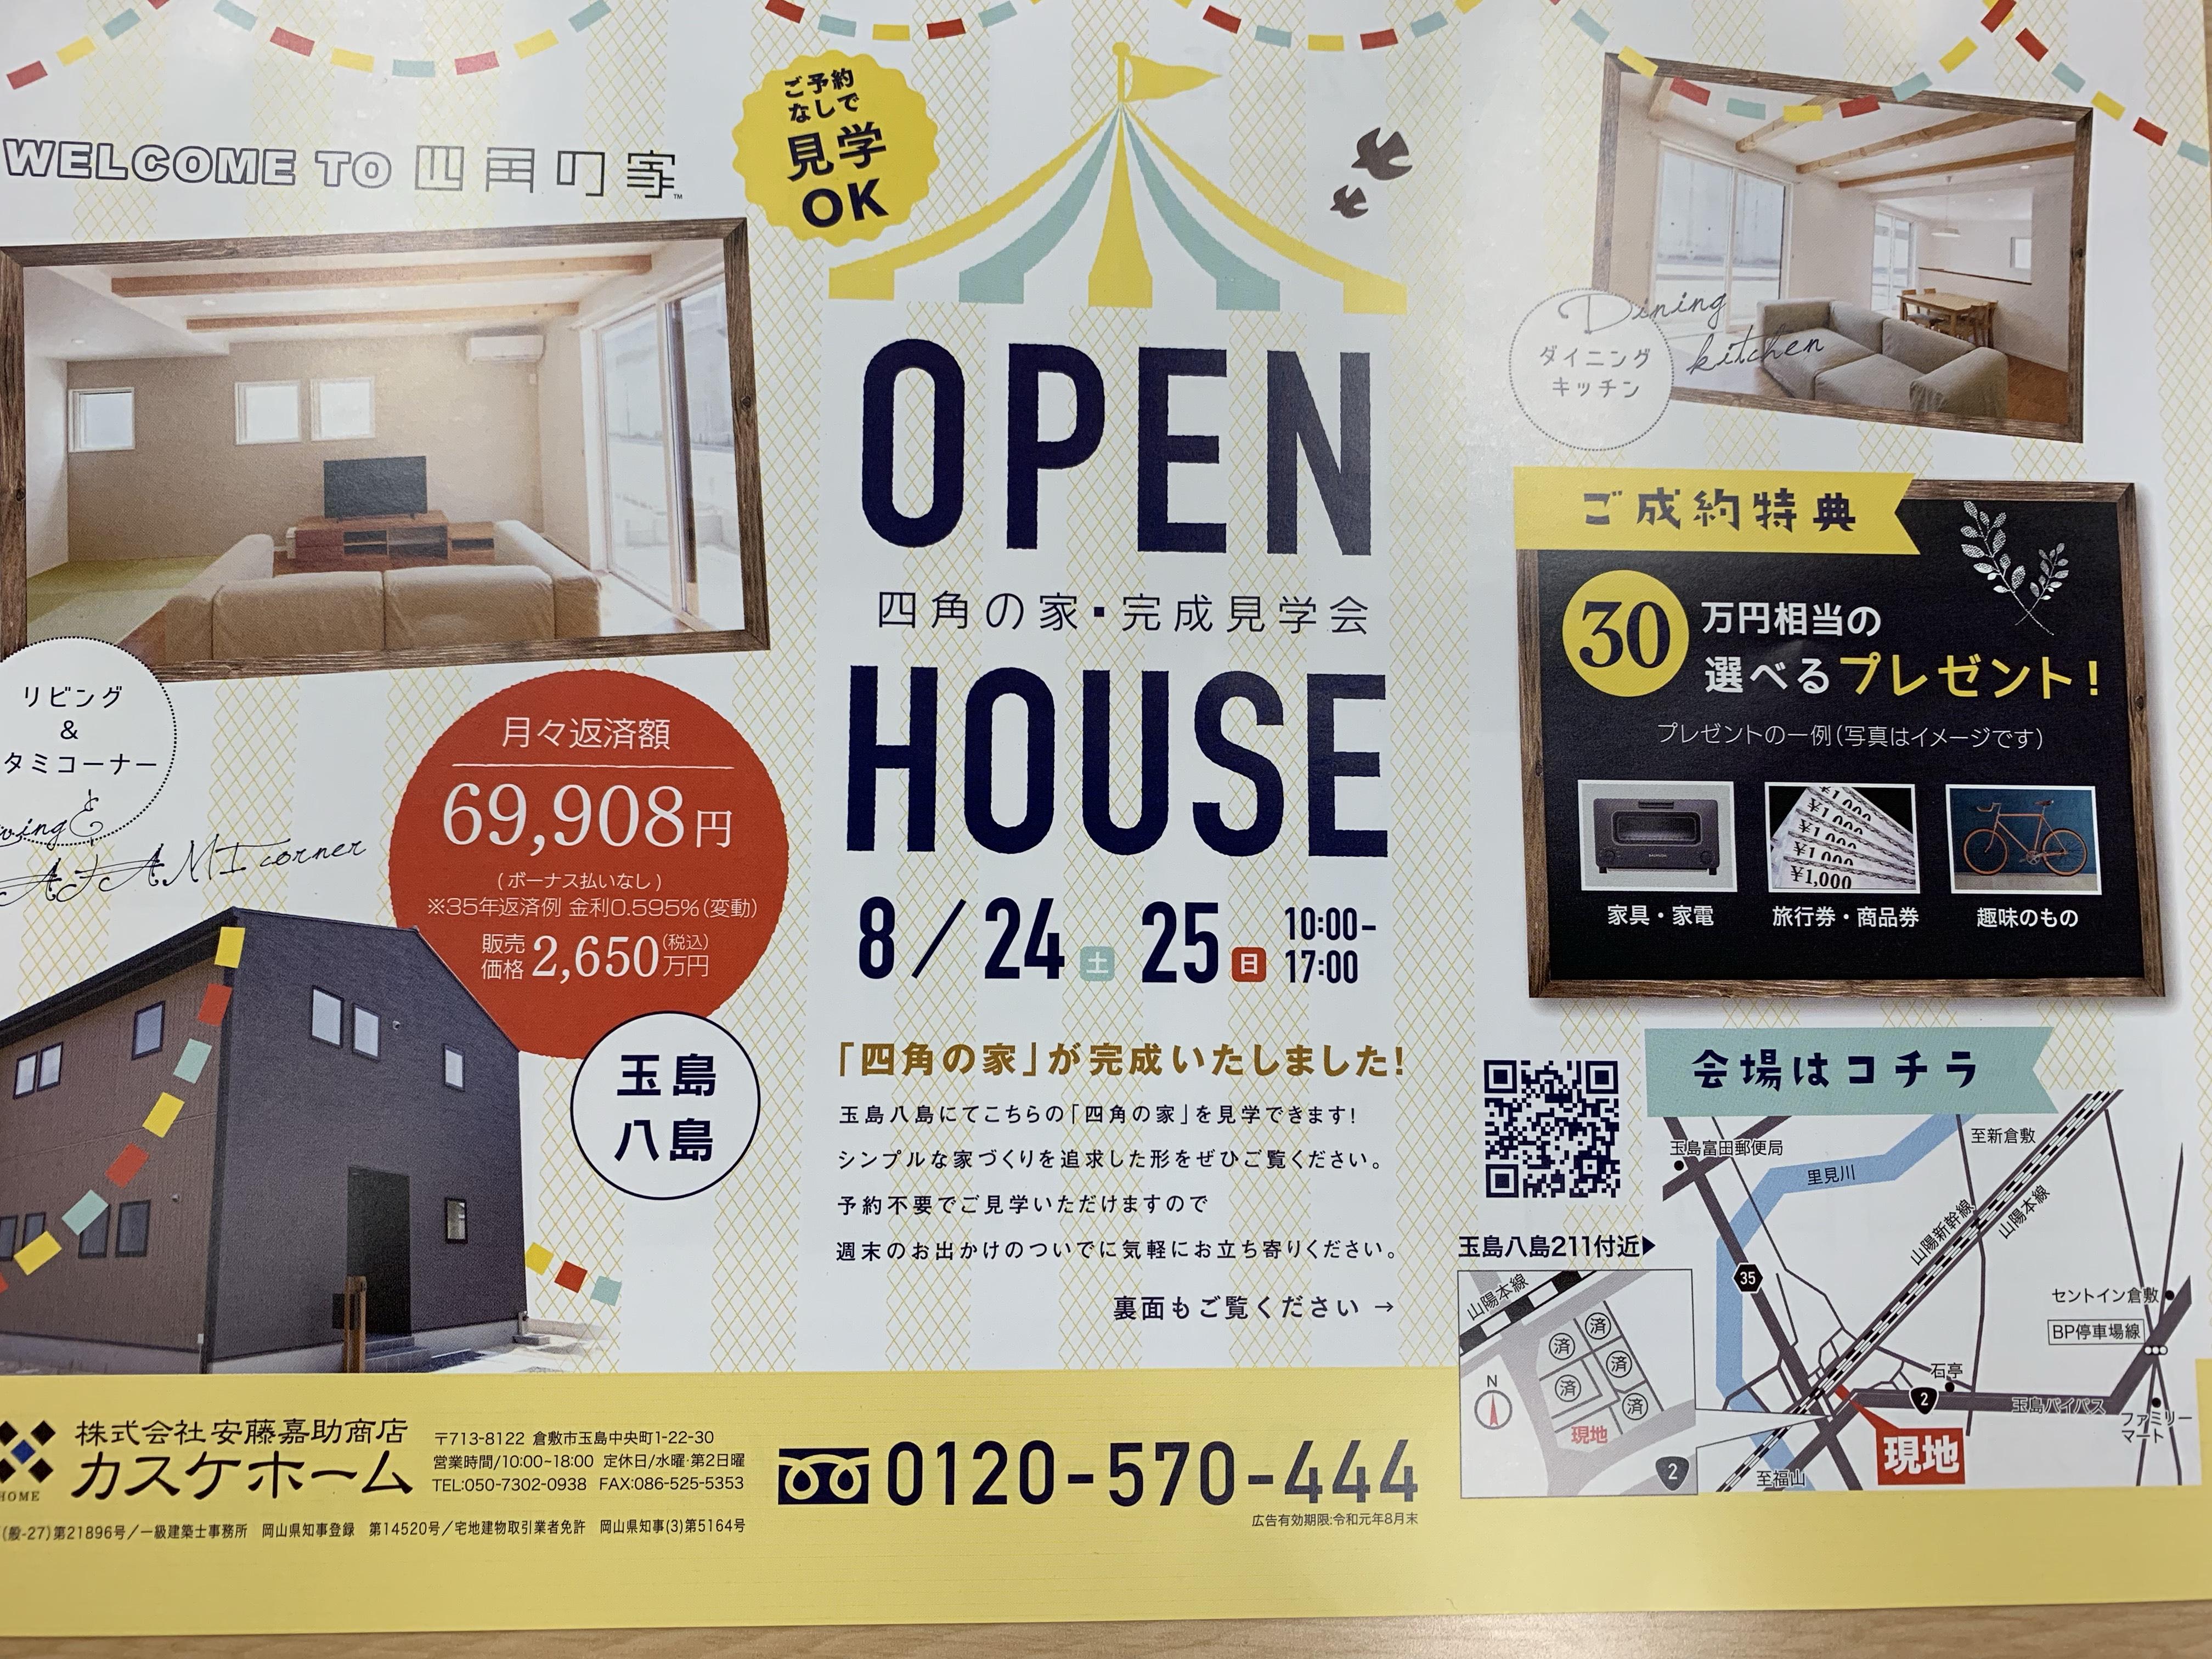 8/24㈯・25㈰ オープンハウス